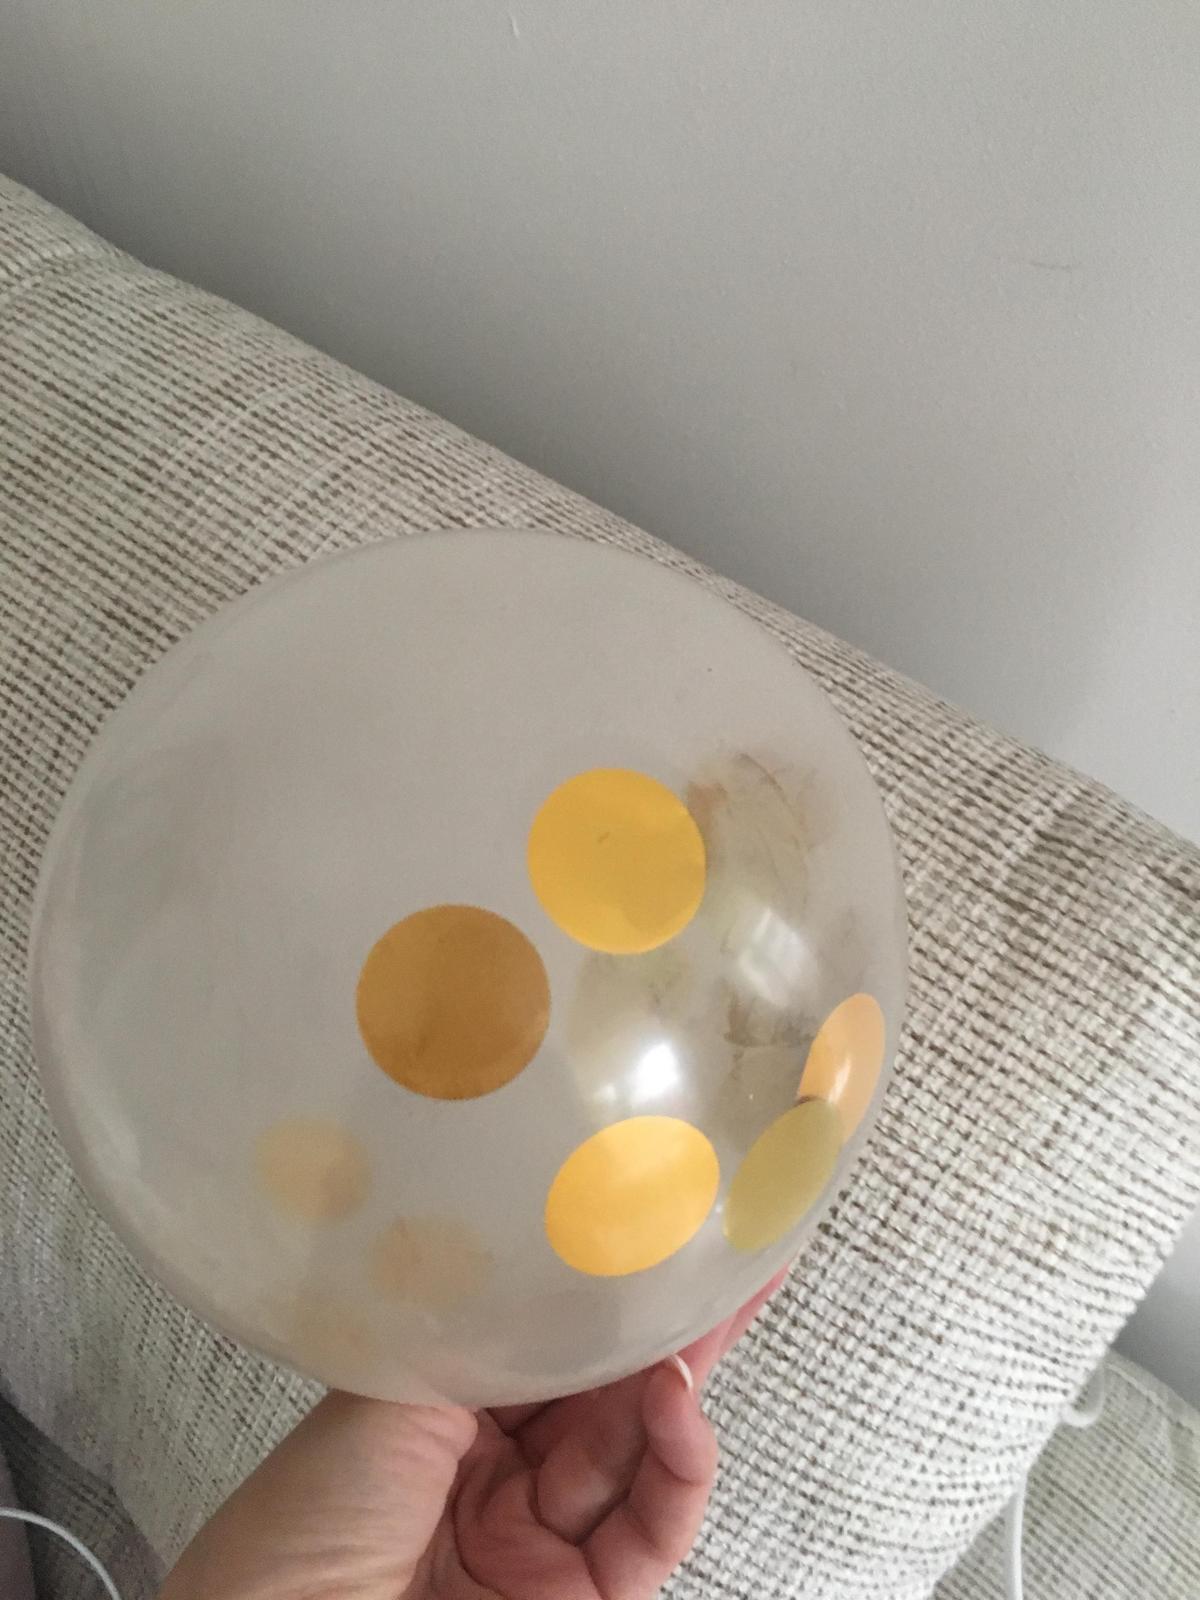 Balóny - Obrázok č. 1